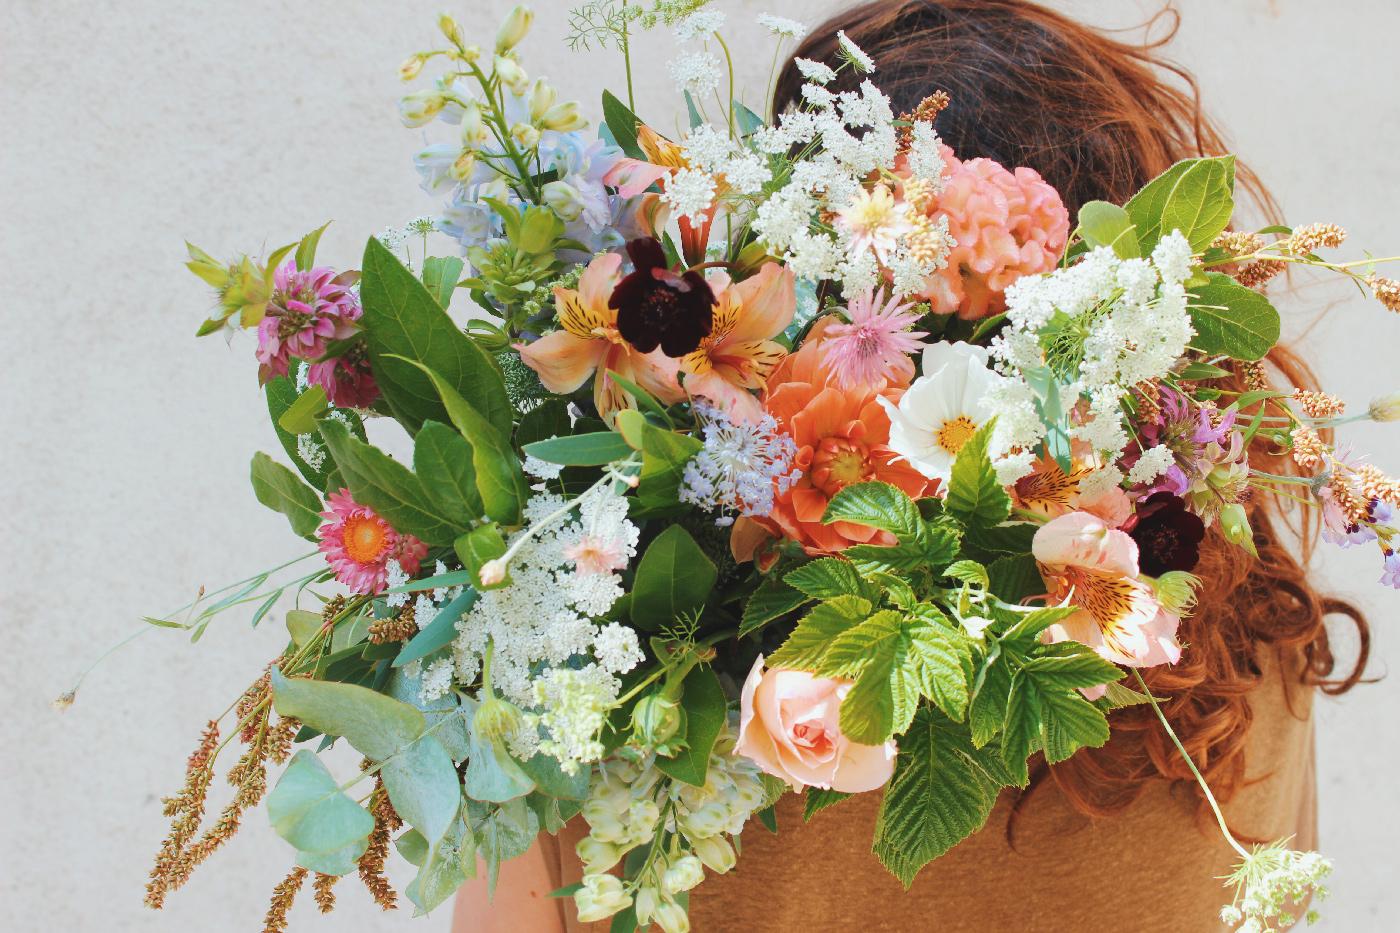 pampa-fleurs-bouquet-paris-livraison-velo_.jpg